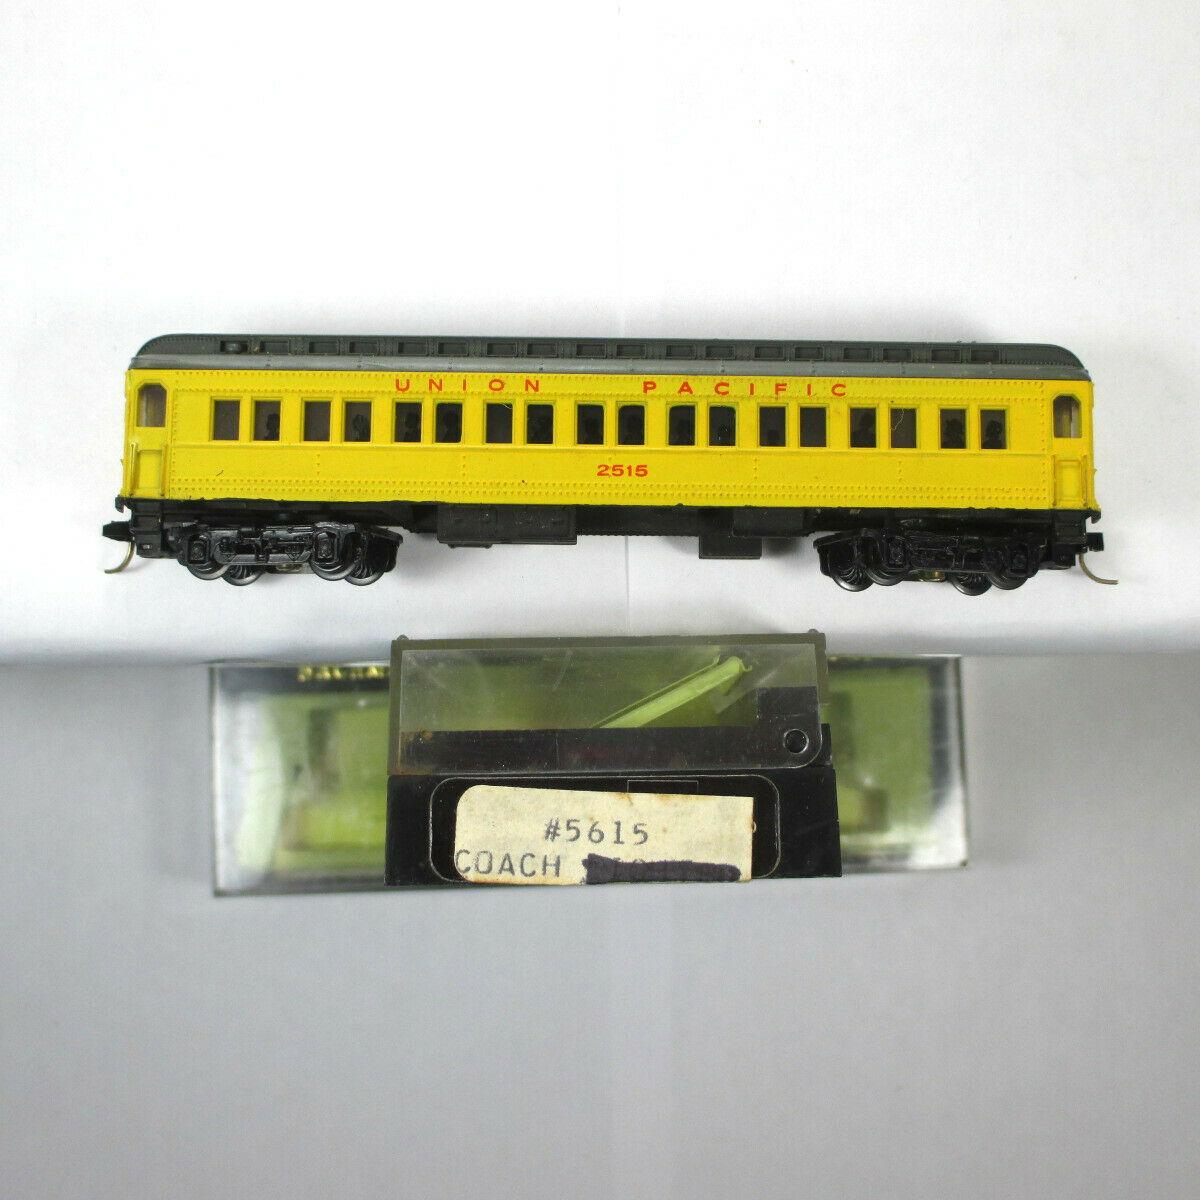 N Scale - Bachmann - 5615 - Passenger Car, Heavyweight - Union Pacific - 2515